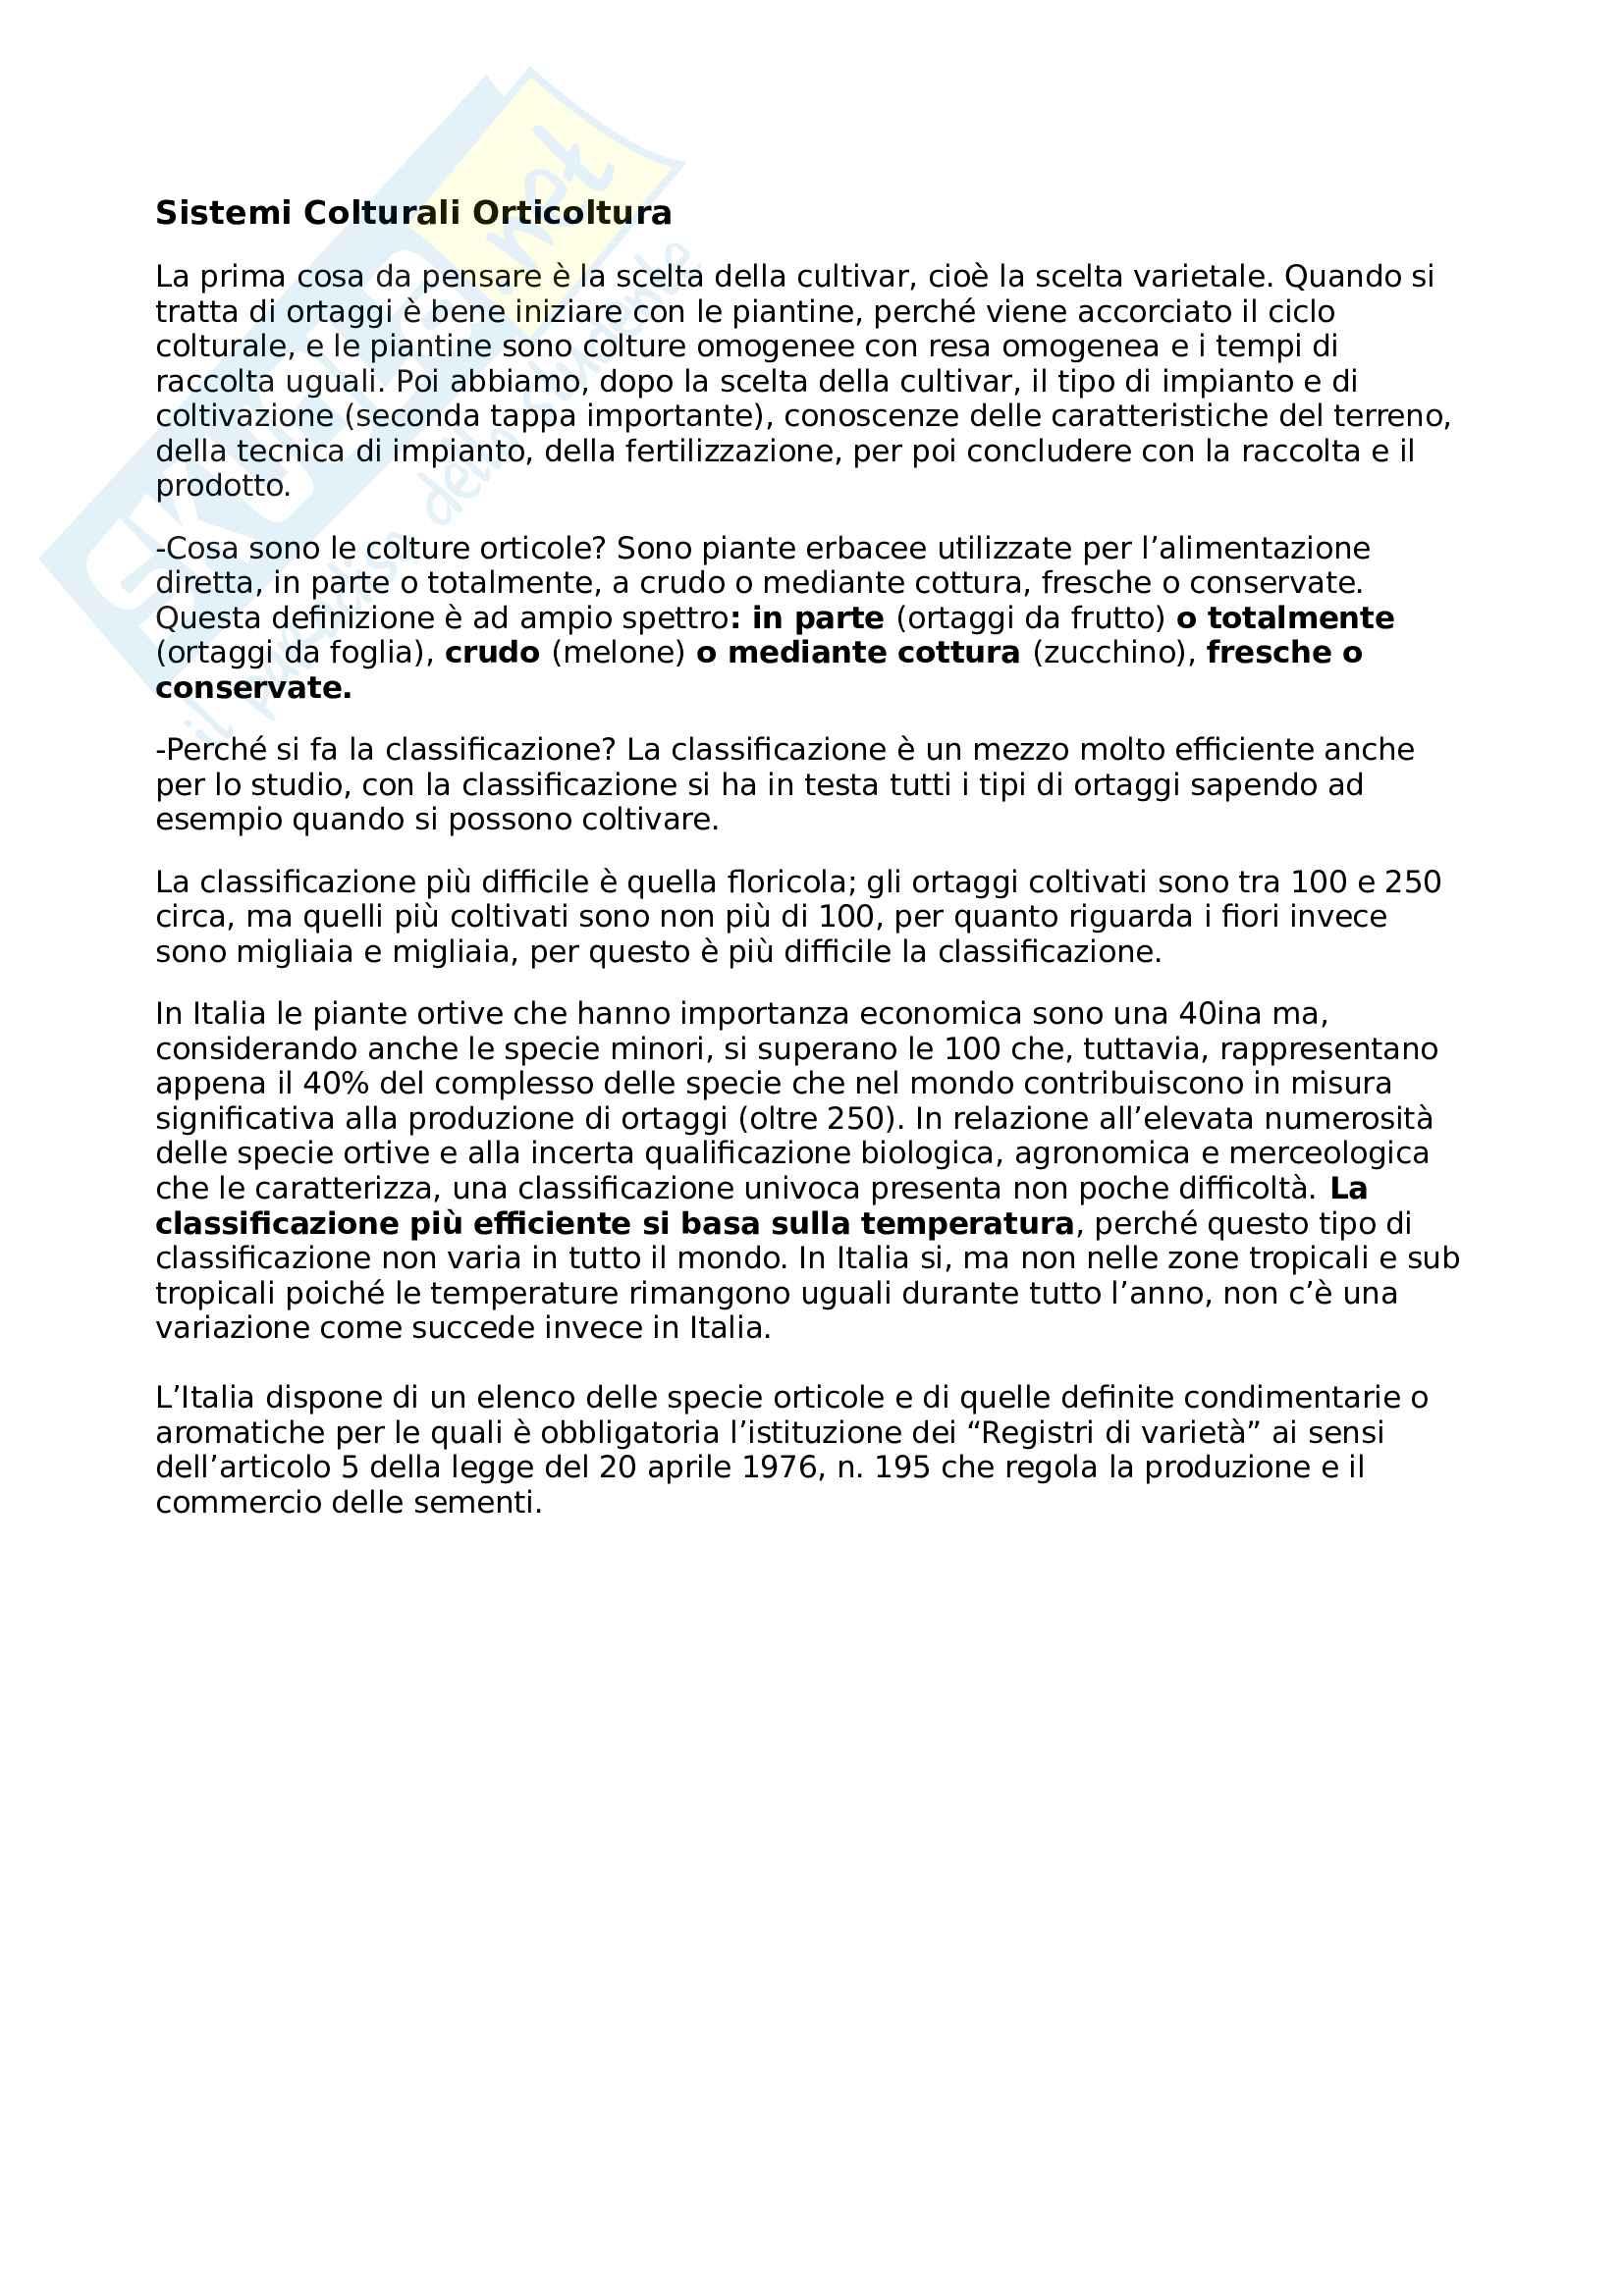 Sistemi ortofloricoli - Sistemi Colturali Orticoli